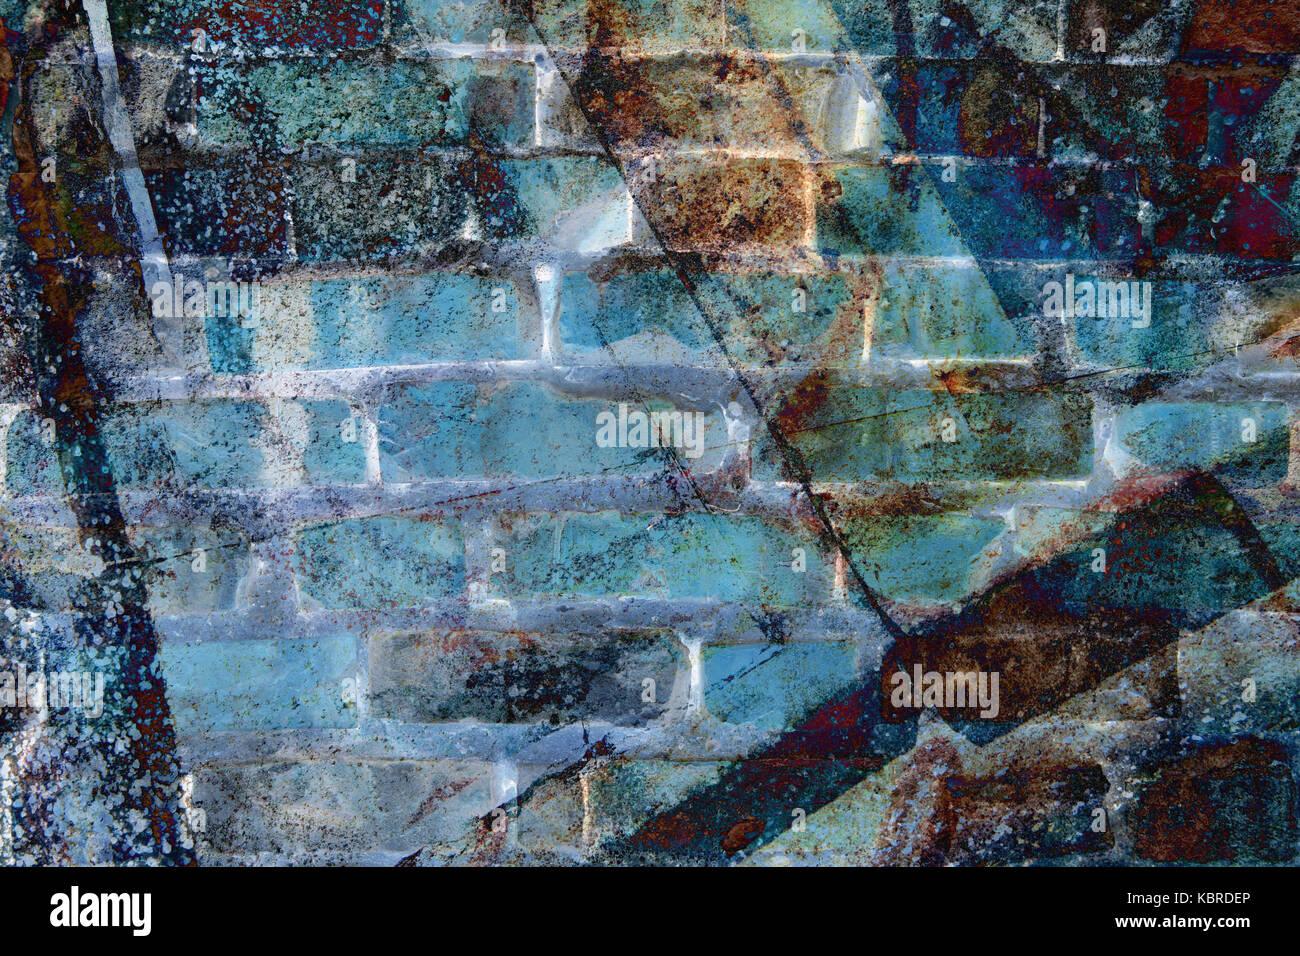 Wand mit abstrakt Farben - Zauberstab abstrakt verfremdet in blauen Farben Stockbild